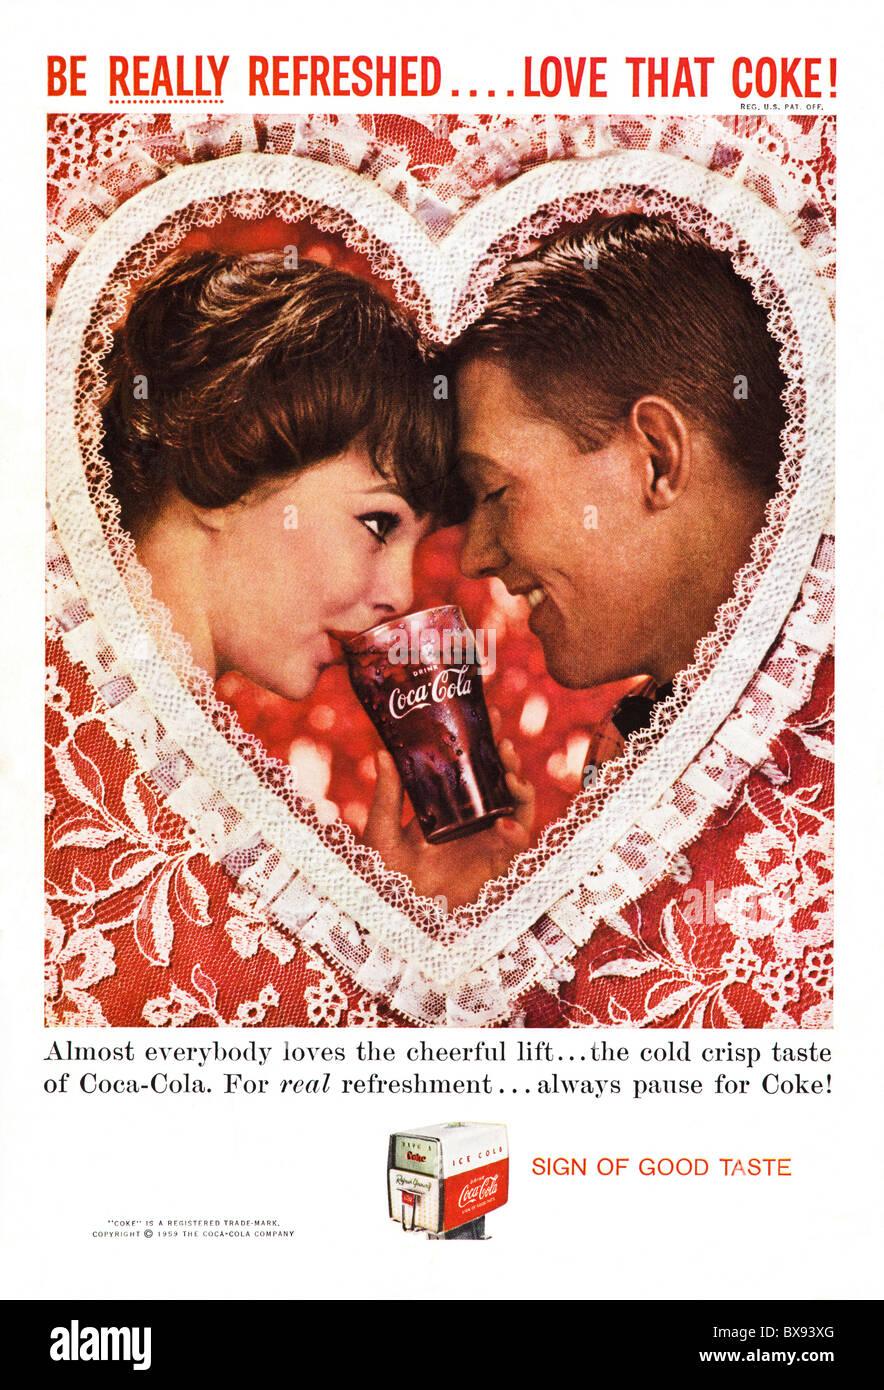 Coca cola anuncio de color clásico con San Valentín en revista americana alrededor de febrero de 1959 Imagen De Stock